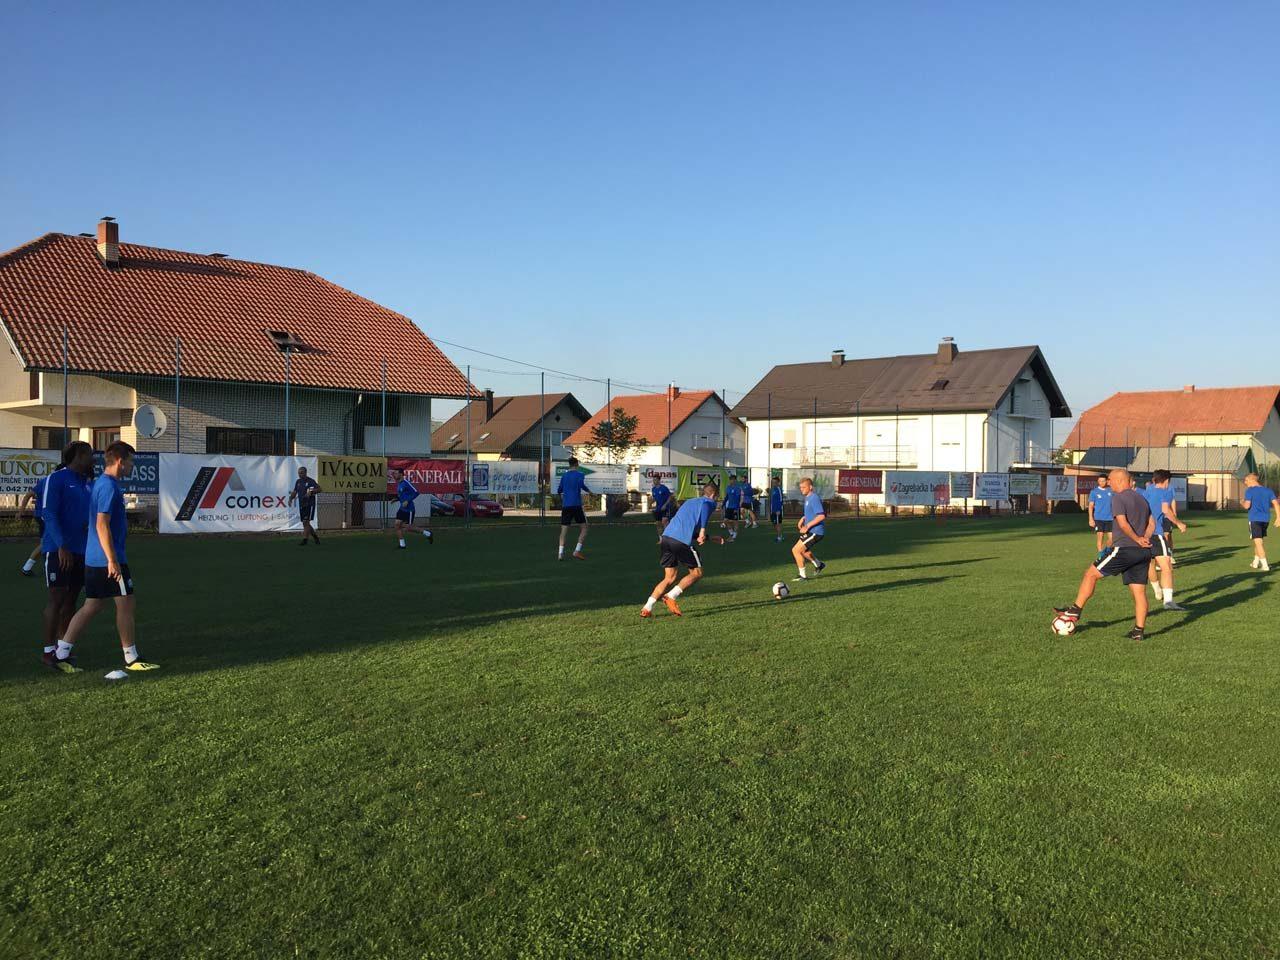 NK-Osijek-na-treningu-u-Ivancu-5-1280x960.jpg